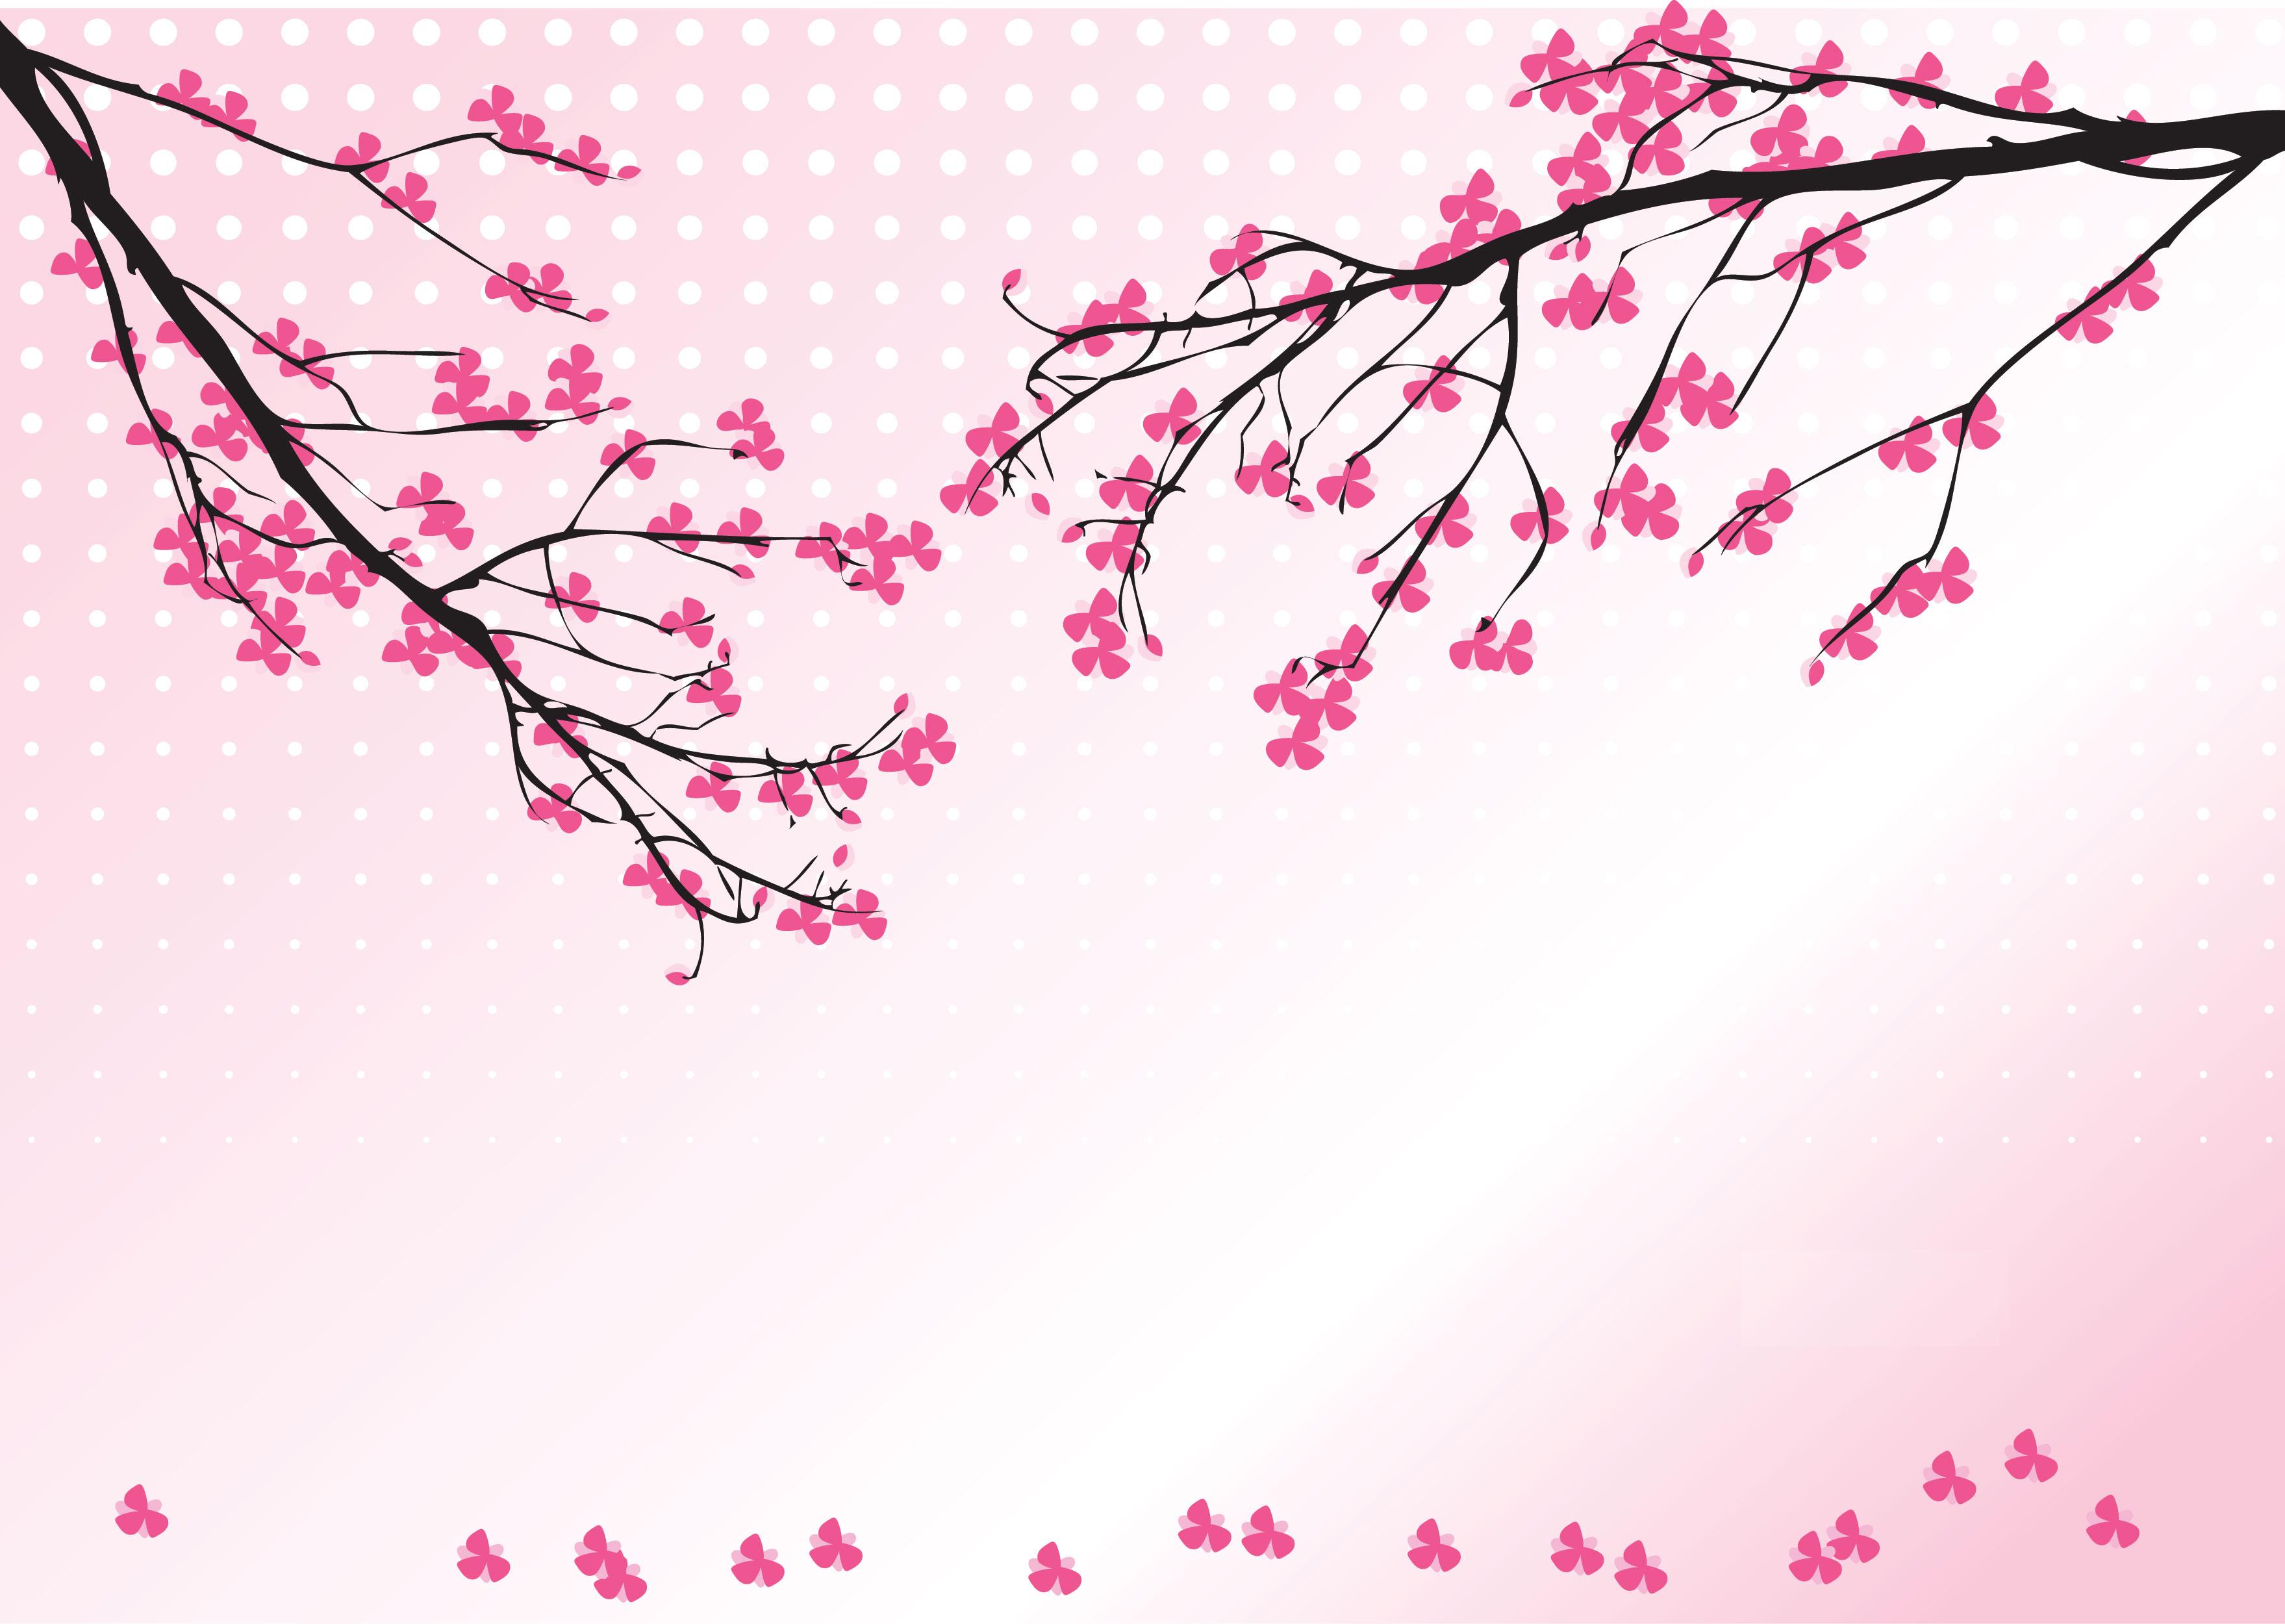 花のイラスト・フリー素材/壁紙・背景No.506『ピンク・枝・和風・梅』